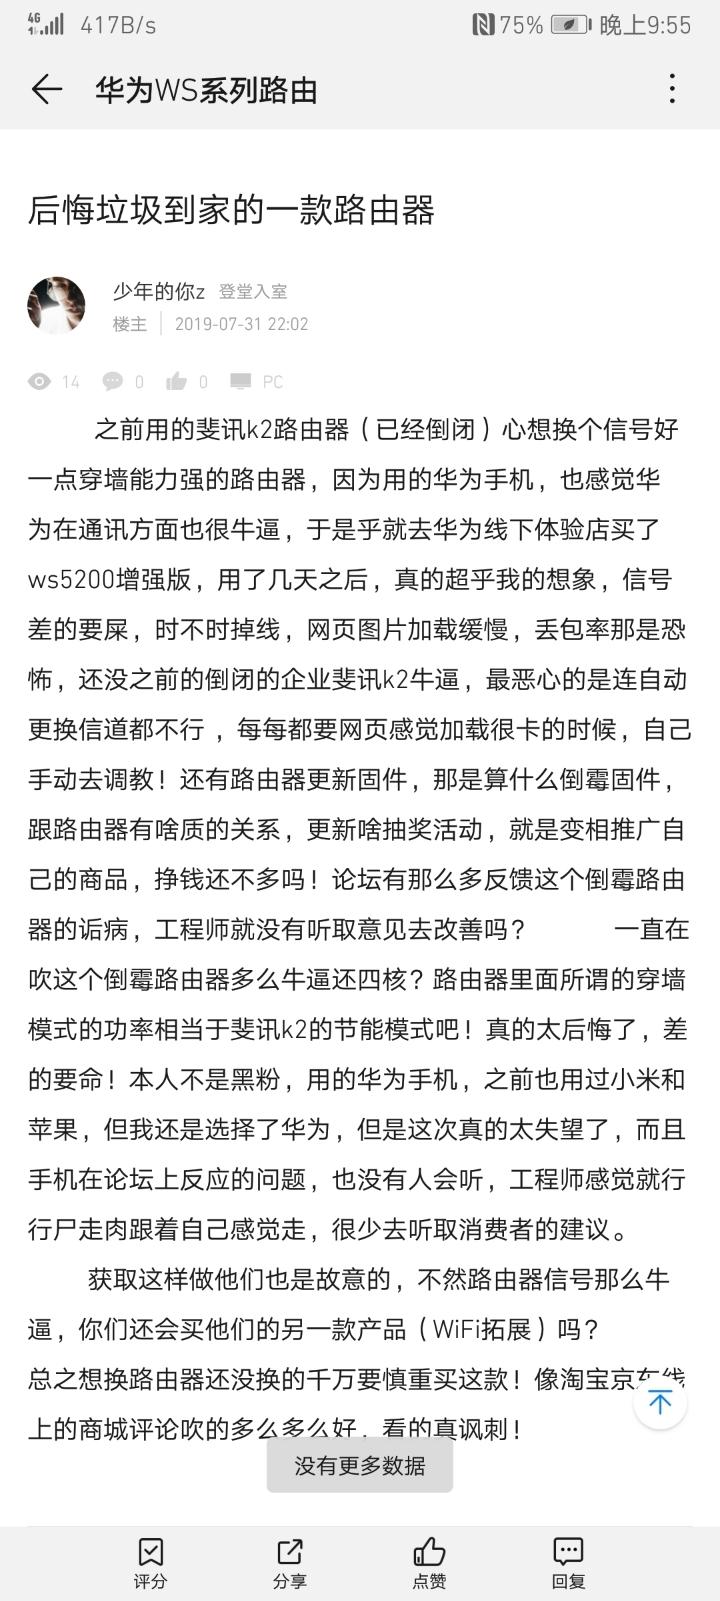 Screenshot_20190804_215534_com.huawei.fans.jpg